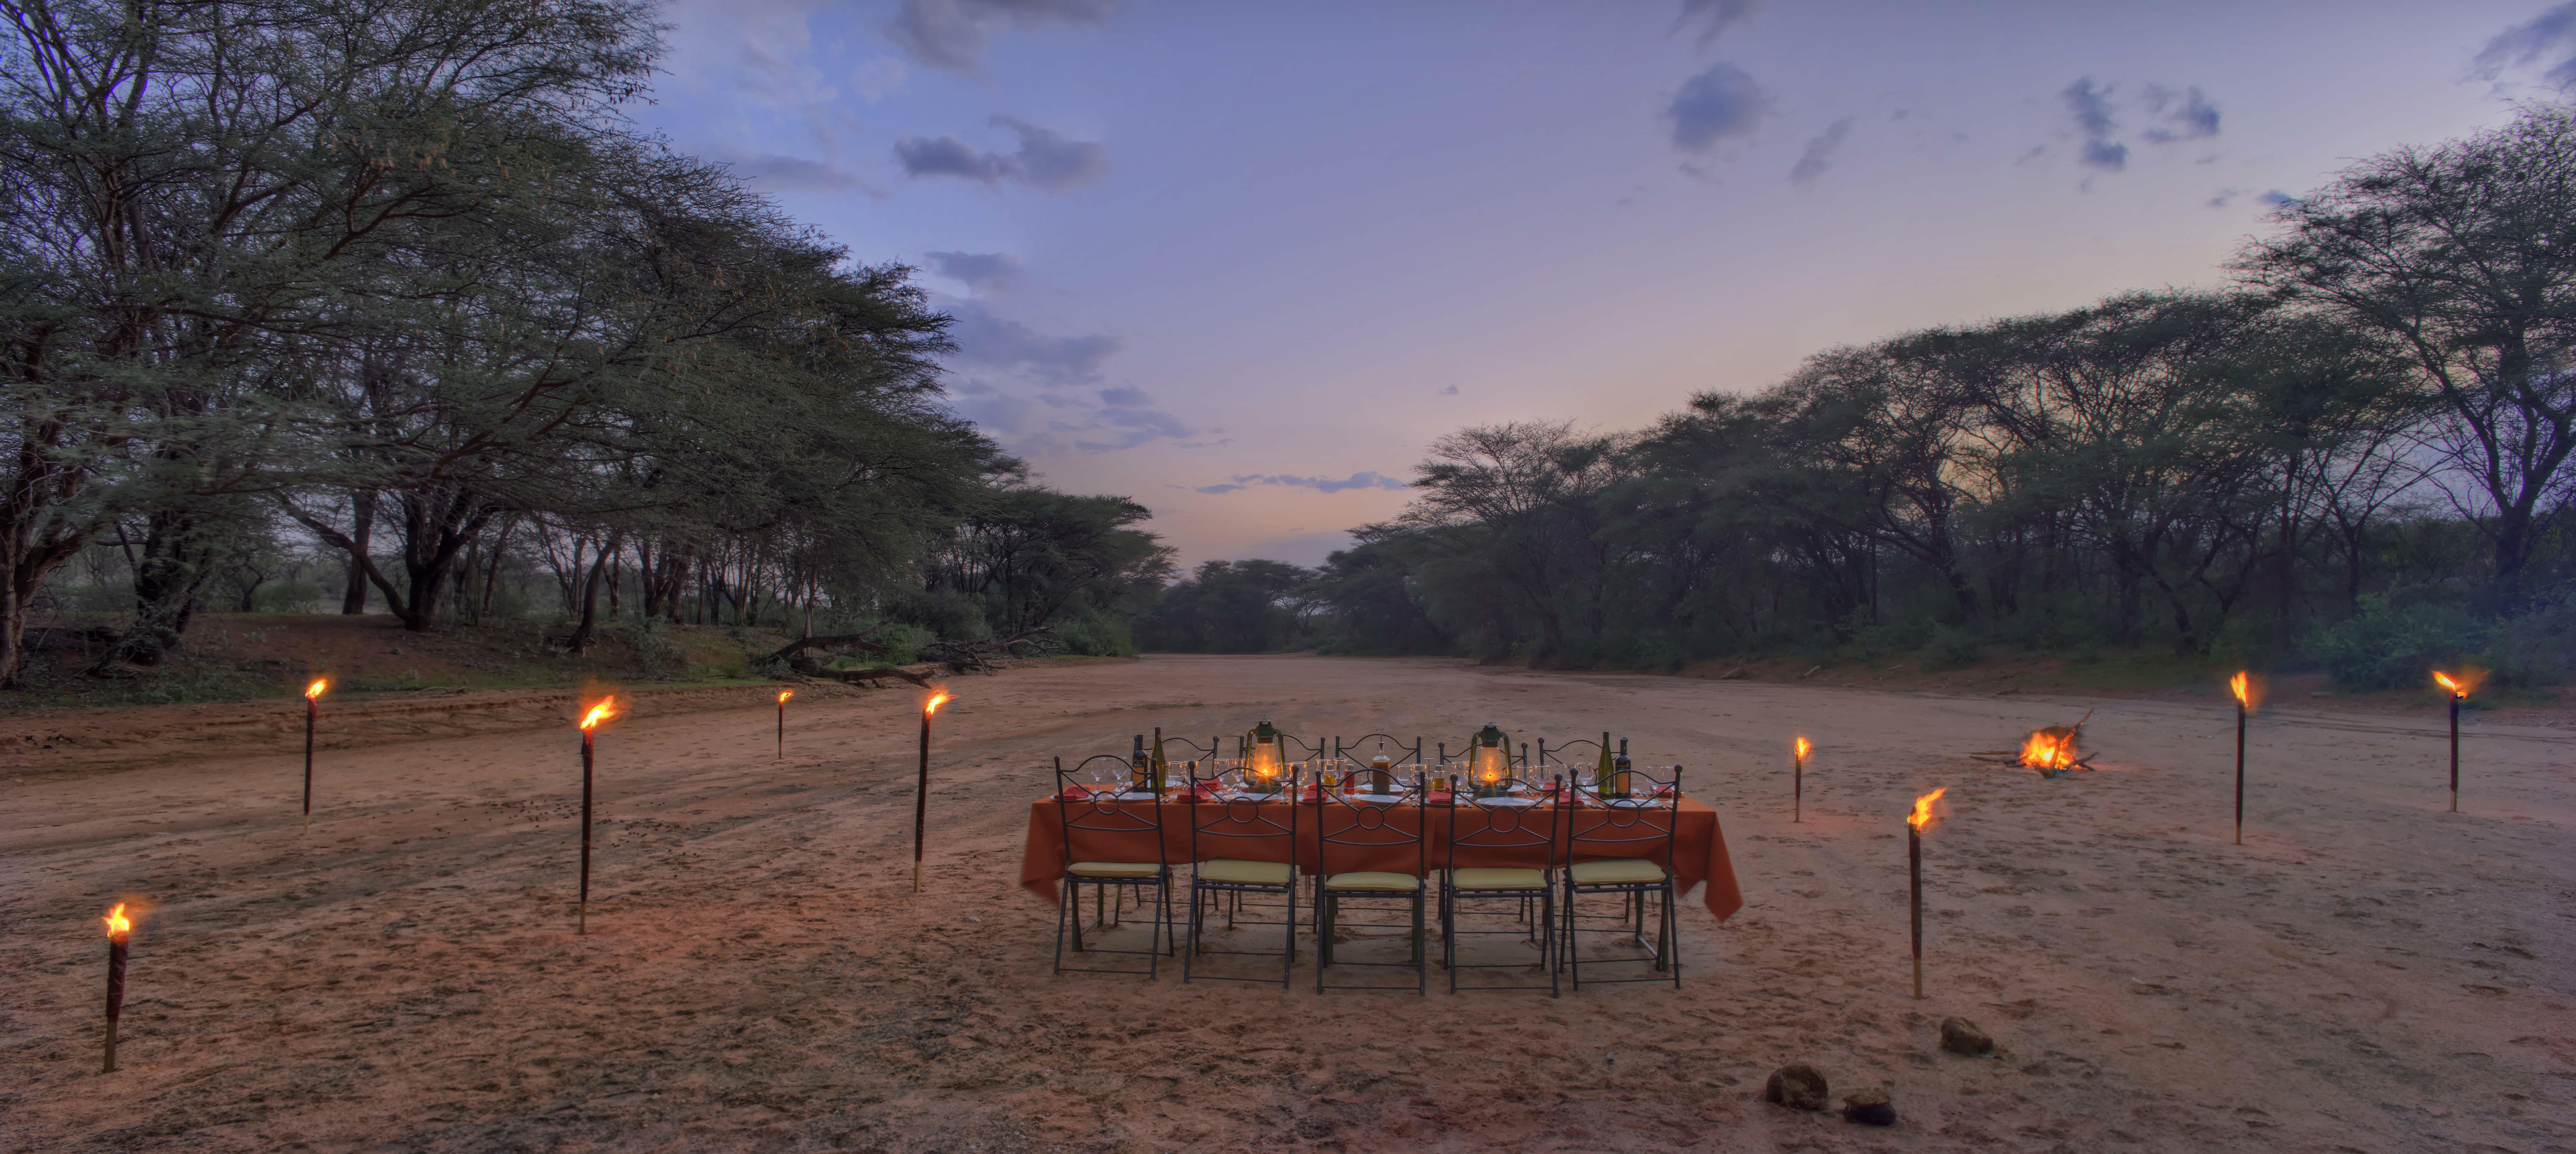 Saruni Samburu Kenya Bush dinner at dusk